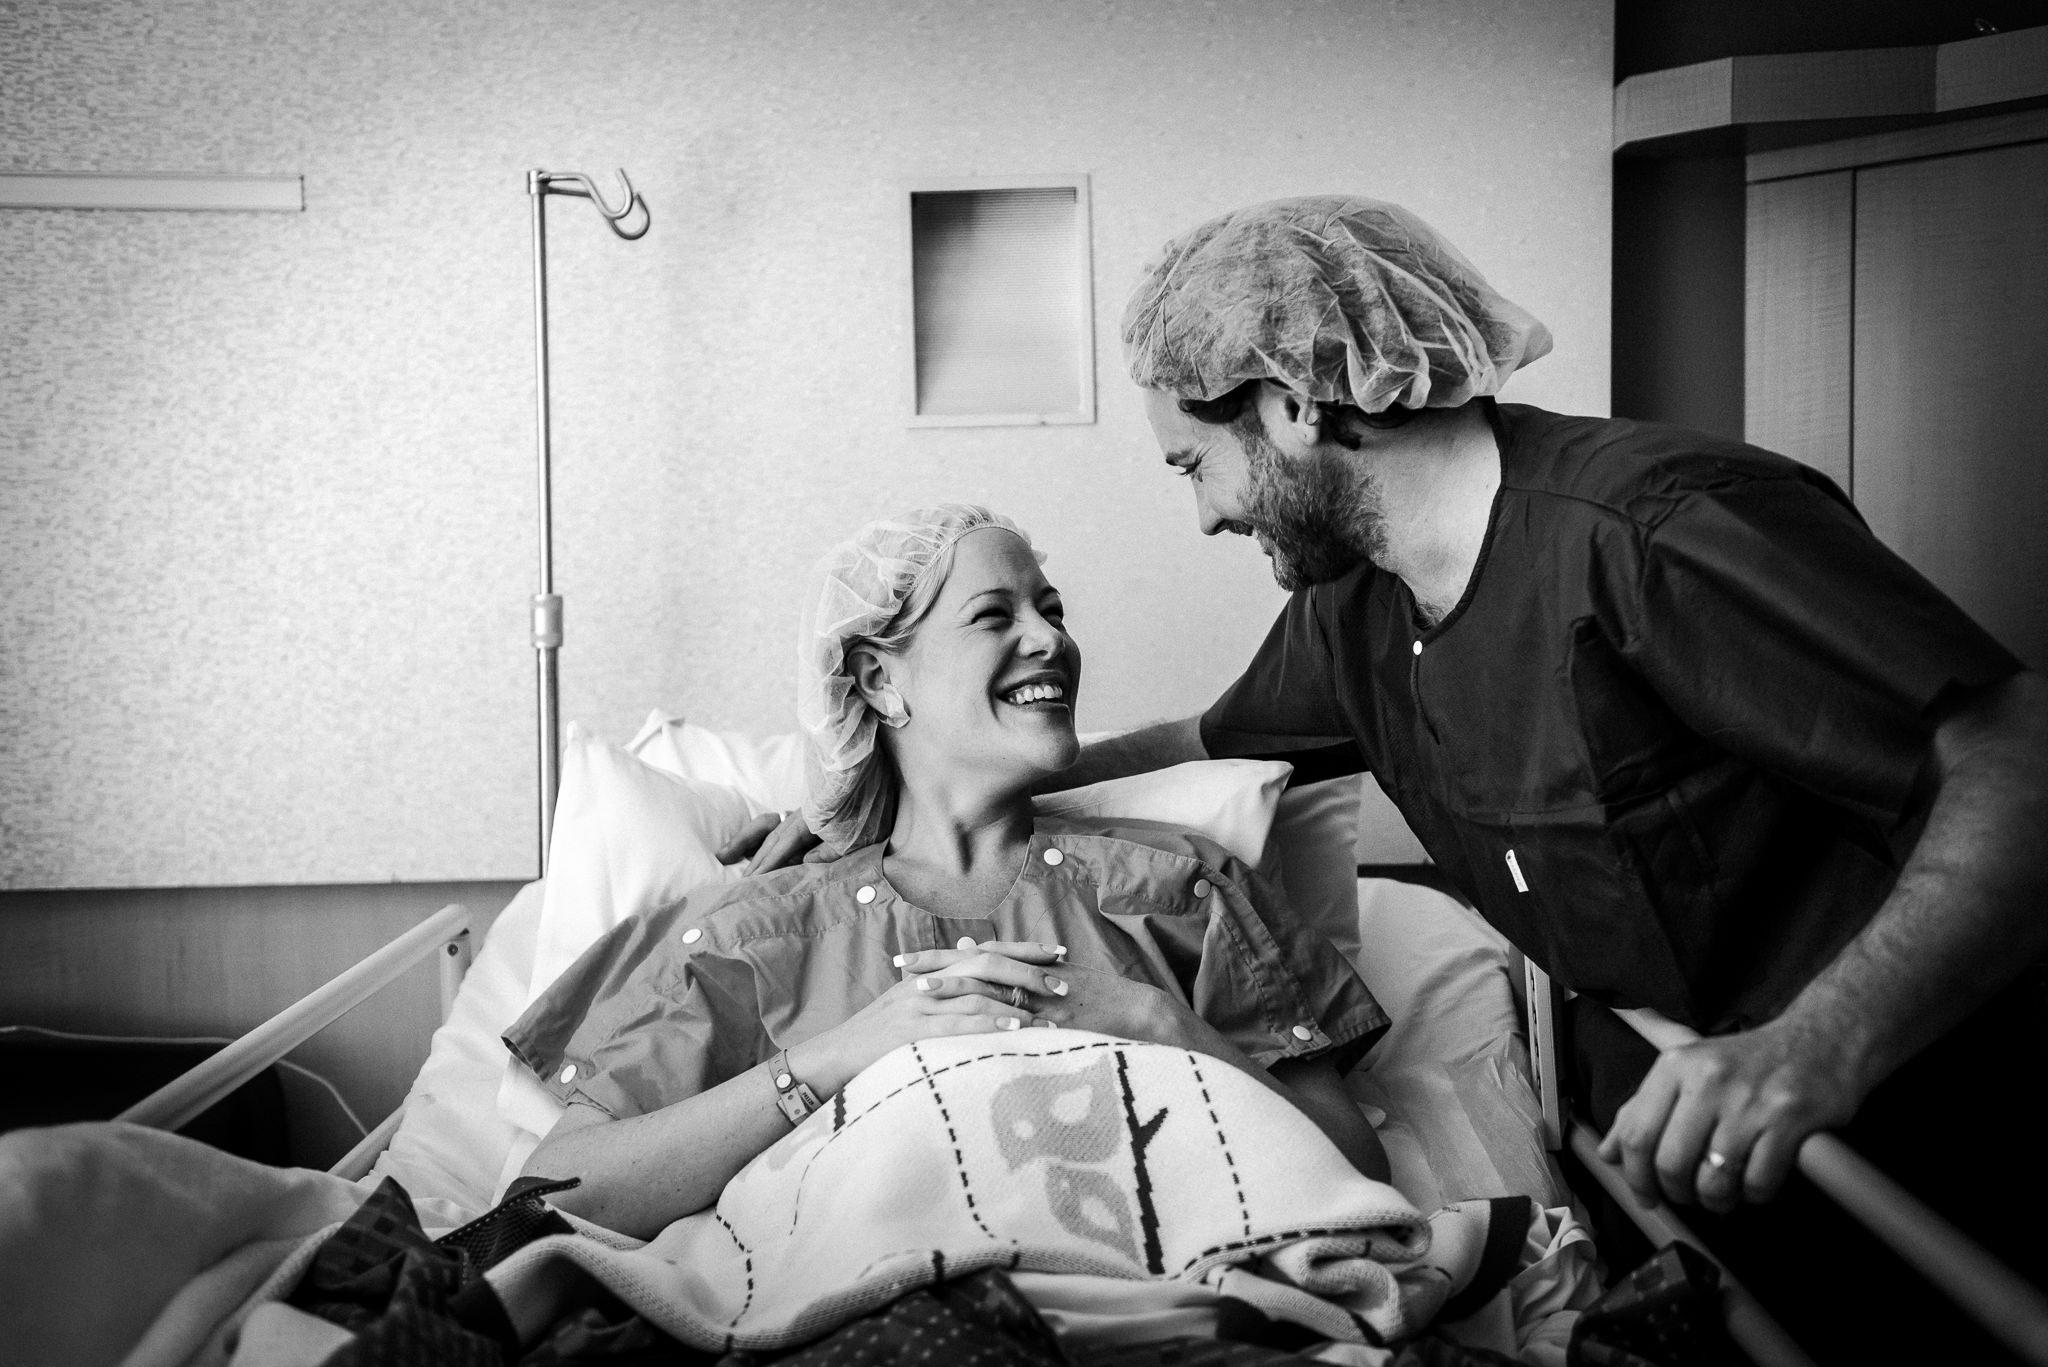 Belle Verdiglione Birth Photography Photographer Birth Story Documentary Noah Gentle Scheduled Caesarean Pregnant